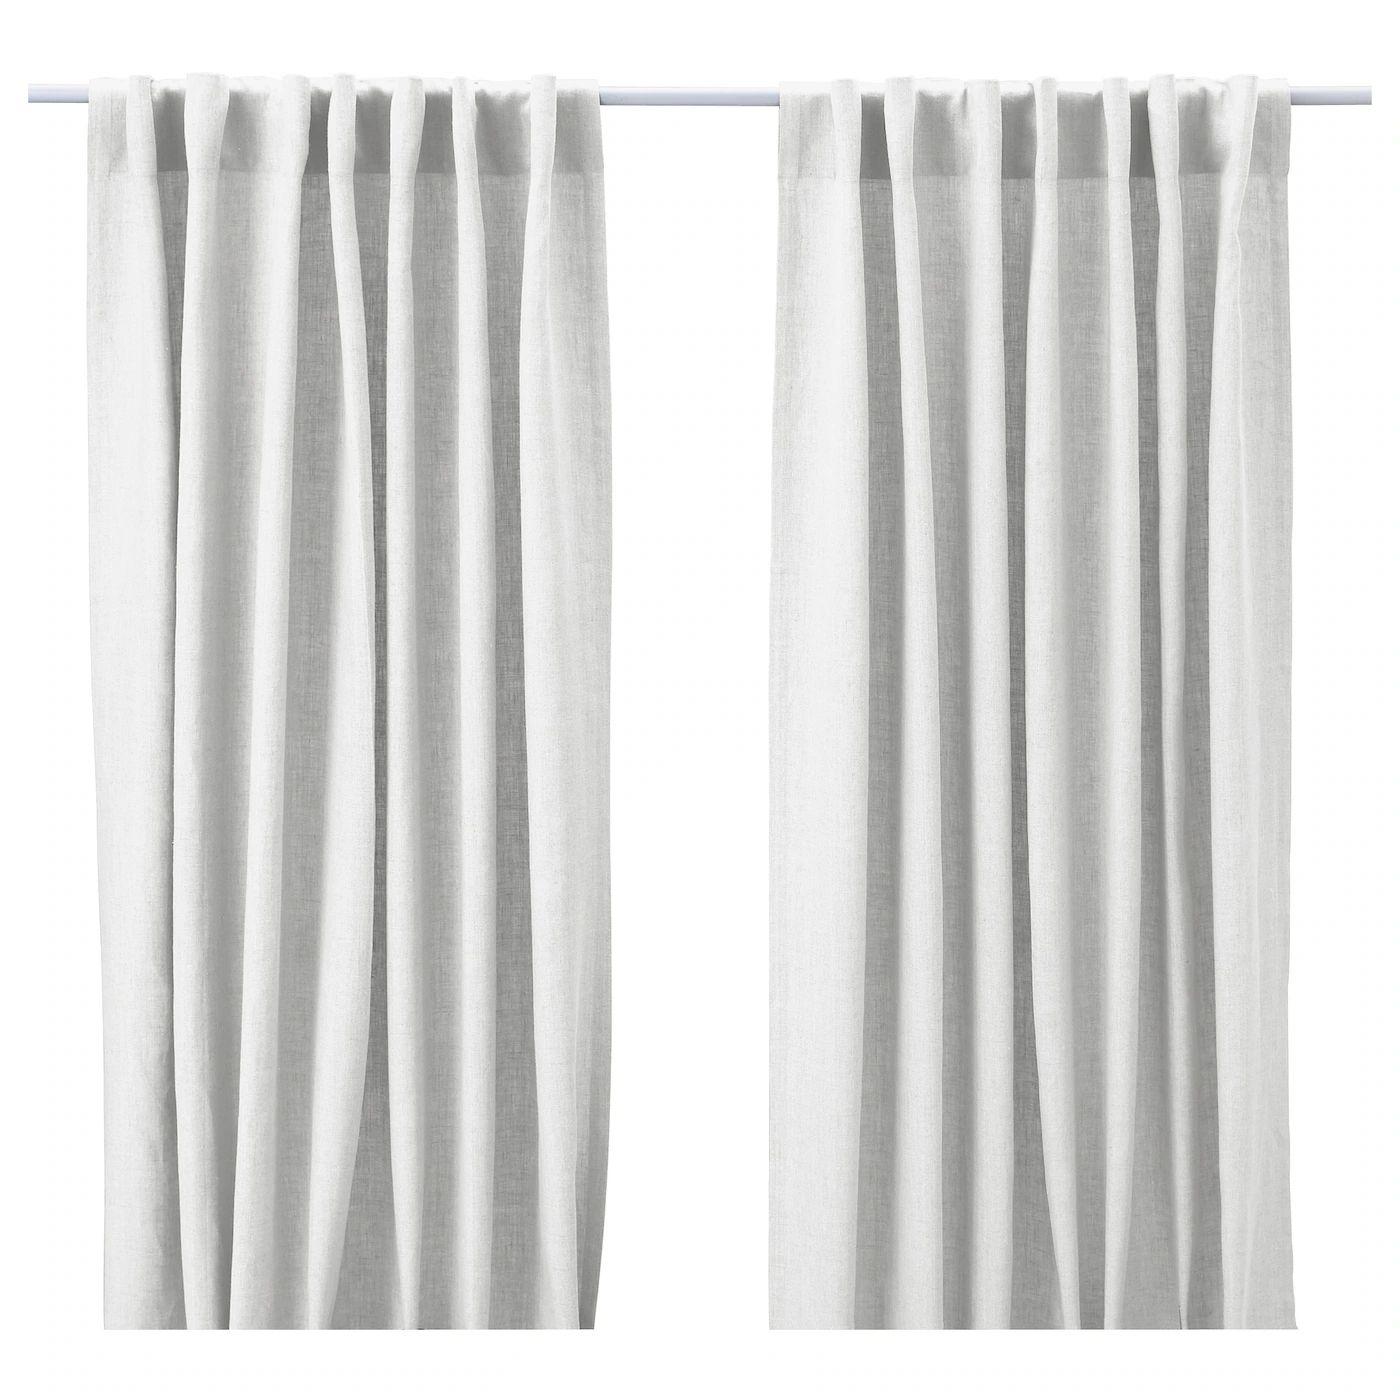 Black Curtain Texture white curtain texture